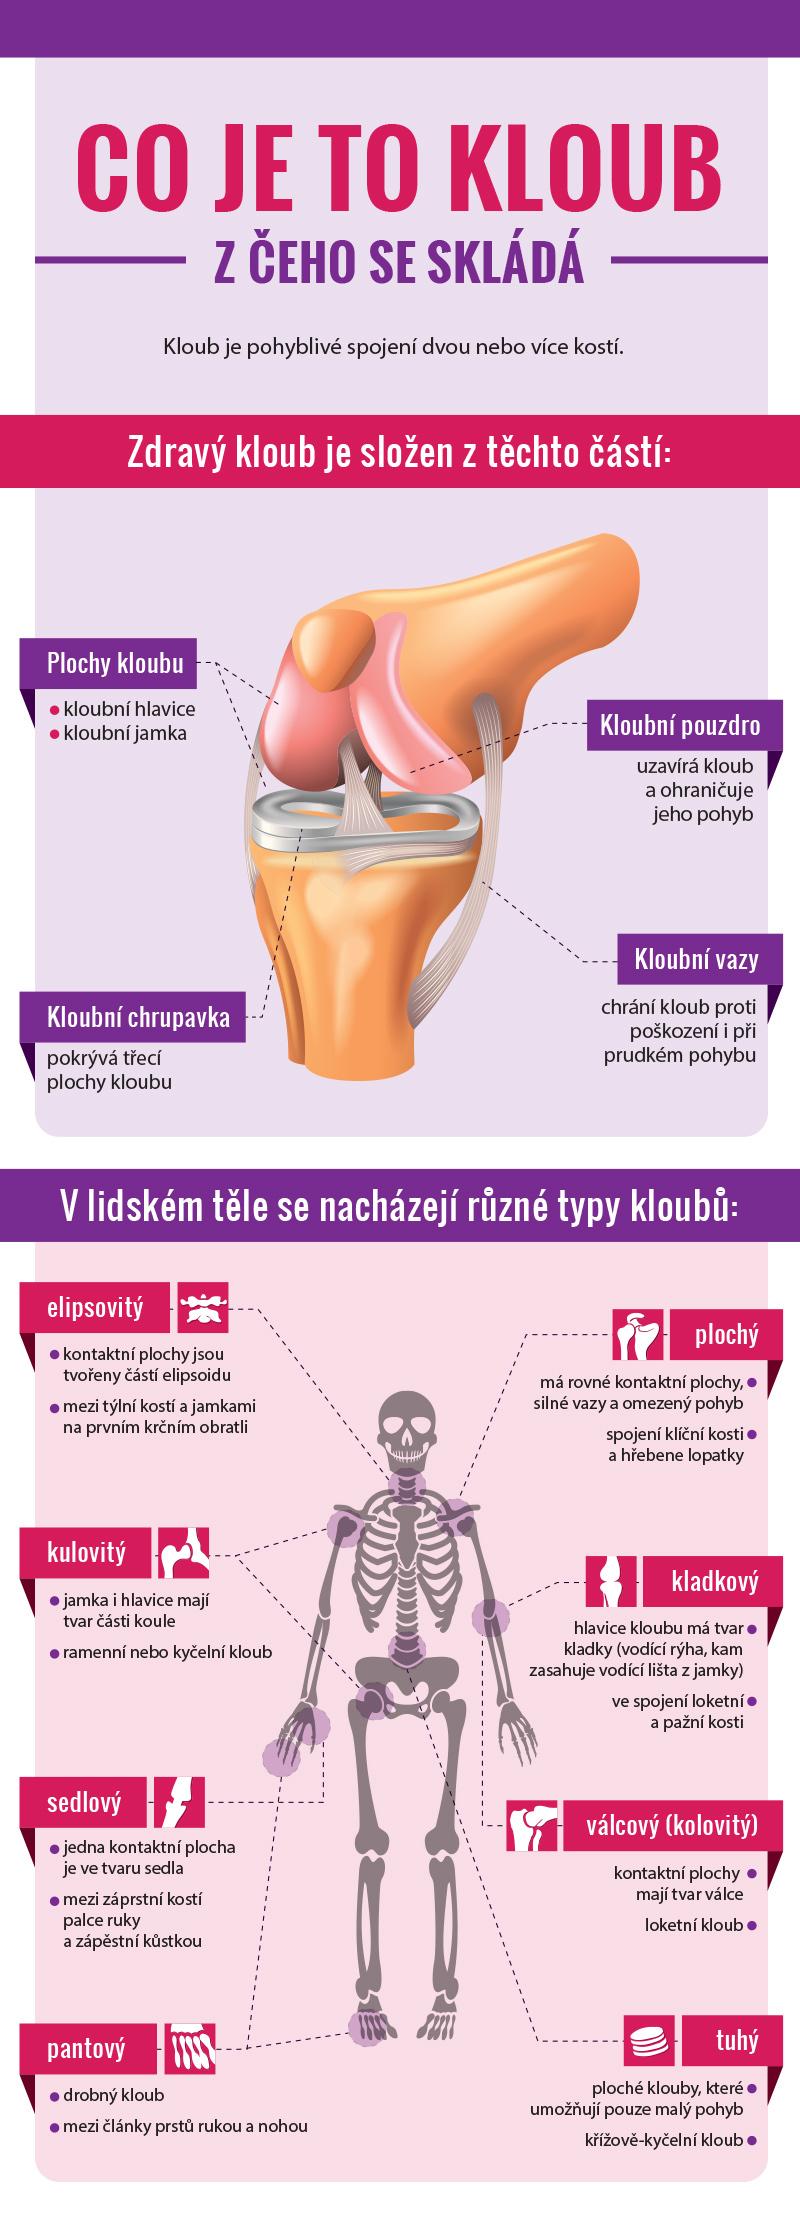 InfografiukaHyalfitKLB_CZ